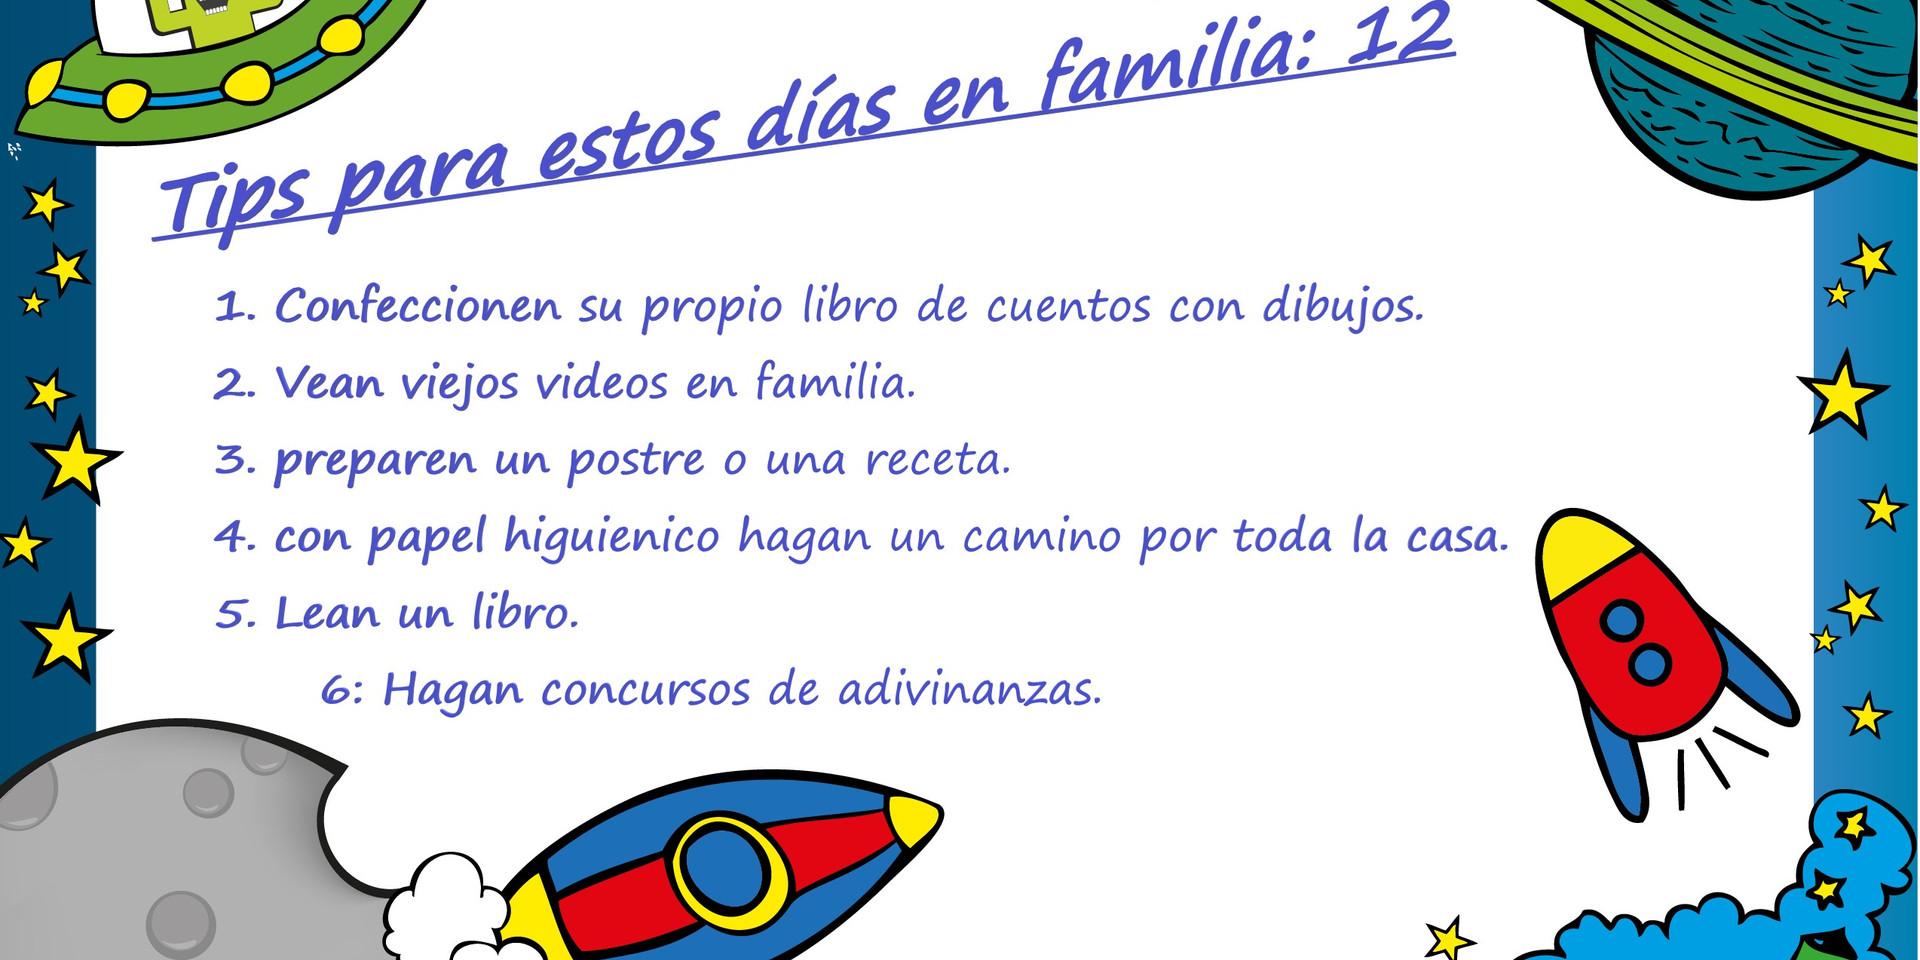 tips 12.jpg